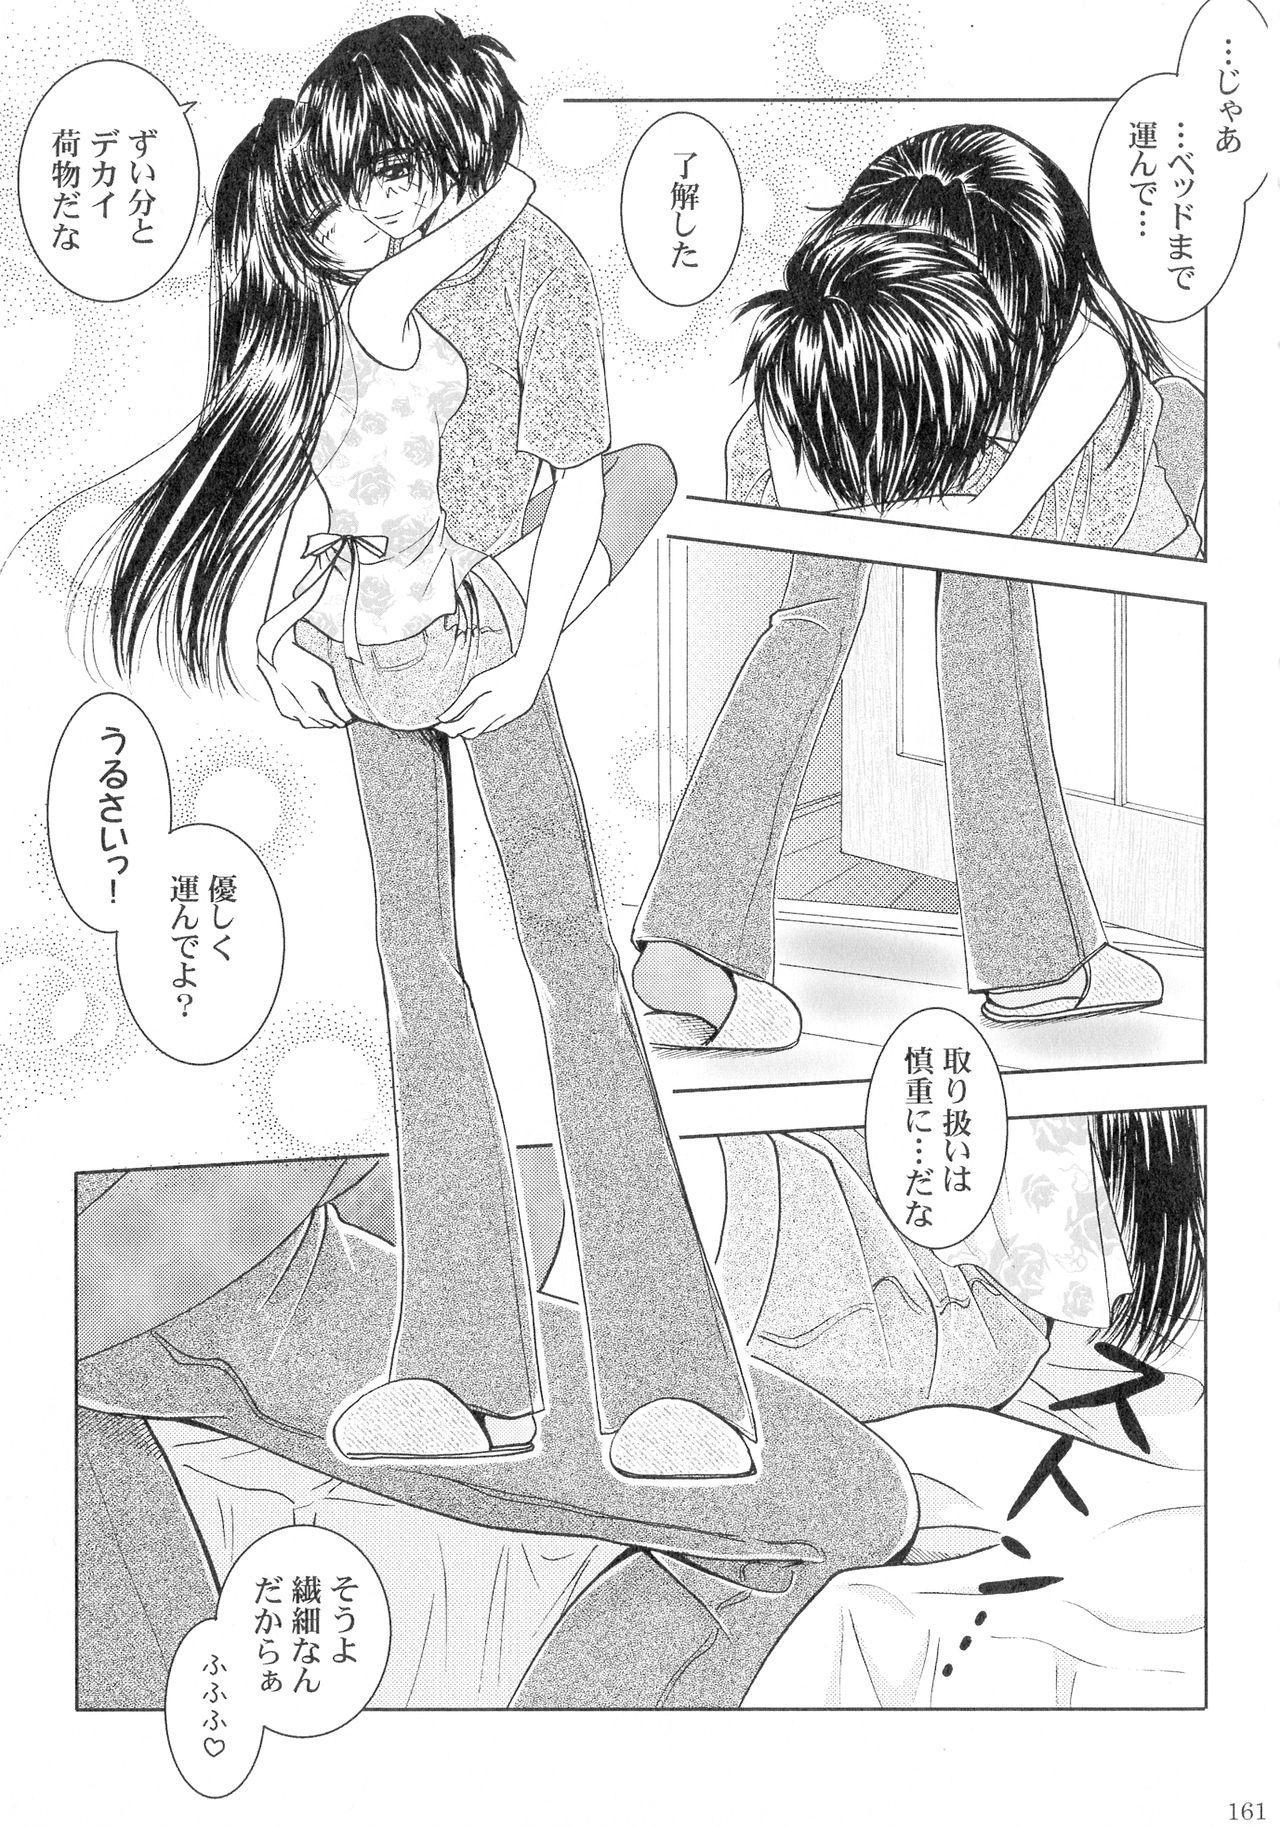 SEXY PANIC Sairoku-shuu VOL.3 159